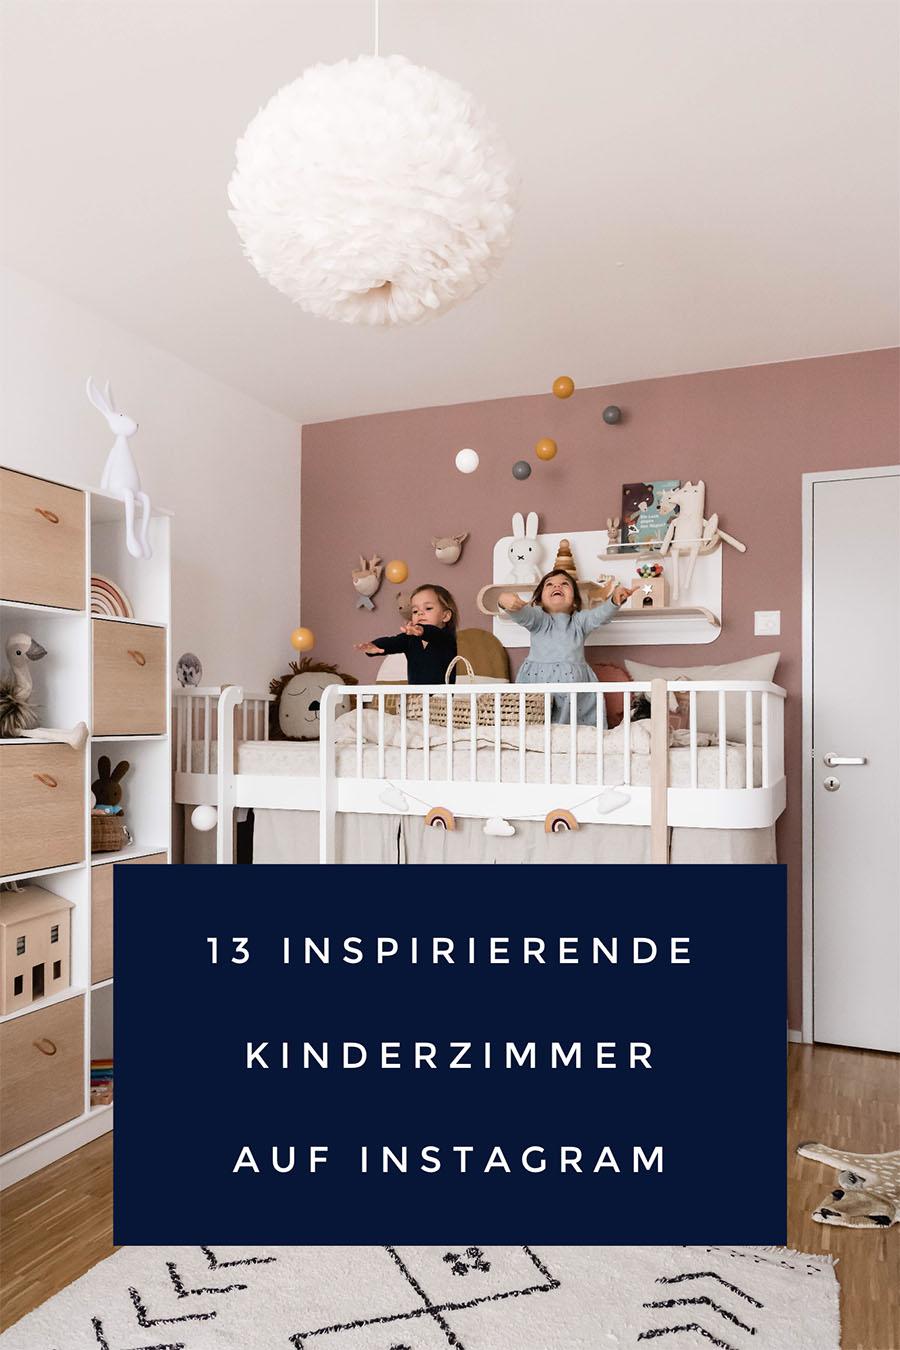 13 Kinderzimmer auf Instagram, die uns besonders inspirieren #kinderzimmer #kinderzimmerdeko #kidsroom #kidsroomstyling